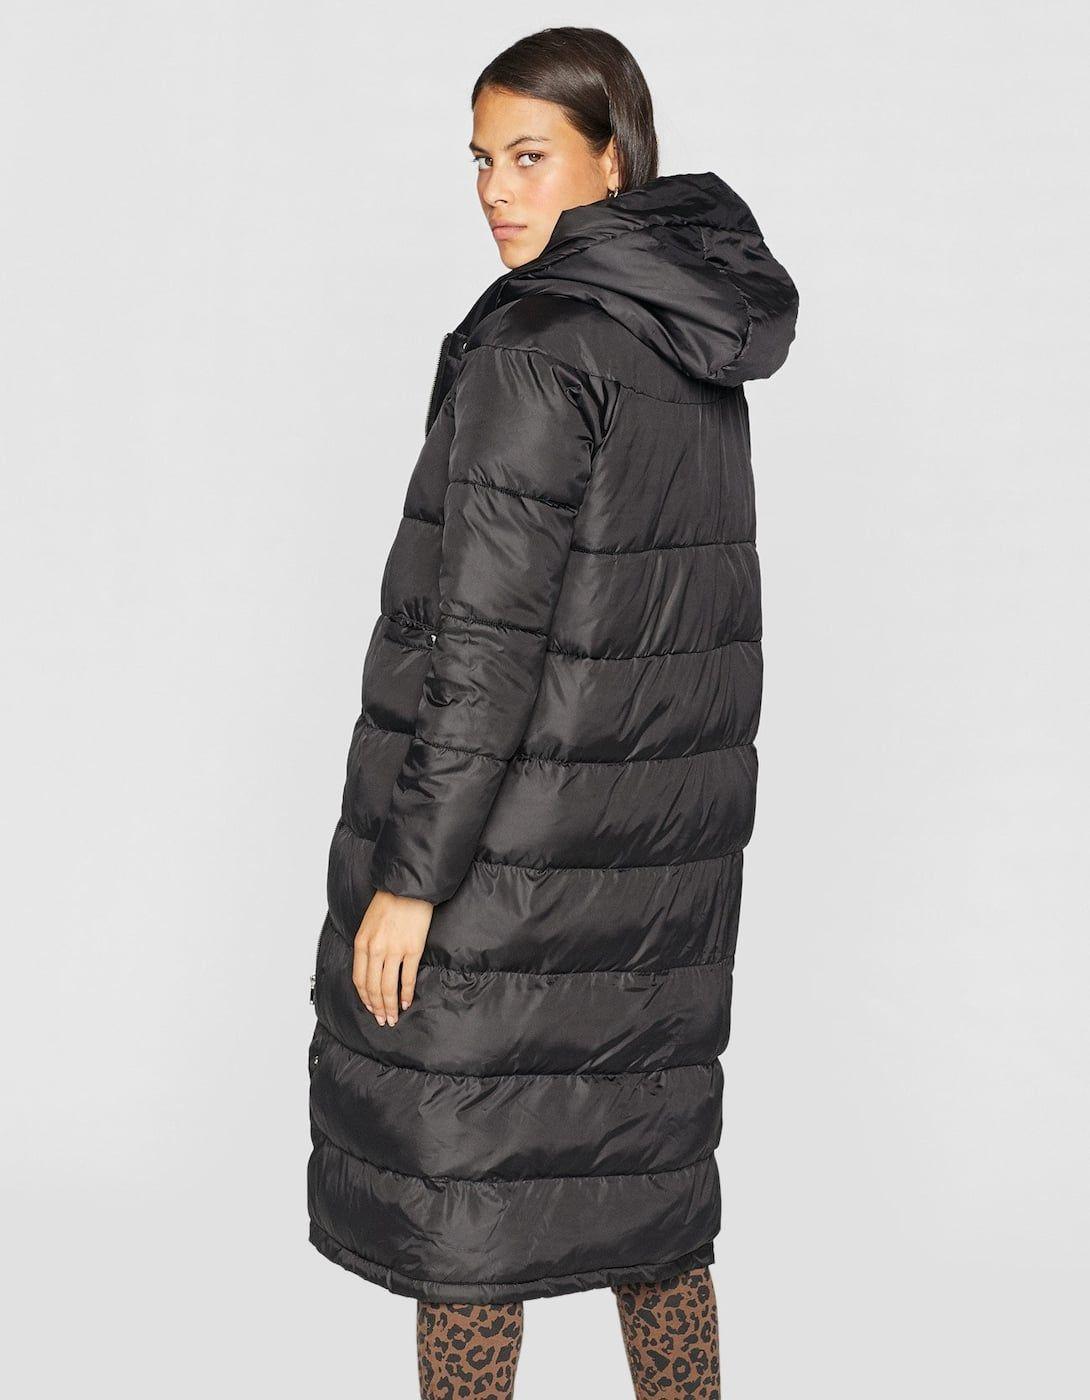 Dlugi Ocieplany Plaszcz Z Kontrastujacymi Elementami Plaszcze Stradivarius Polska Winter Jackets Jackets Fashion